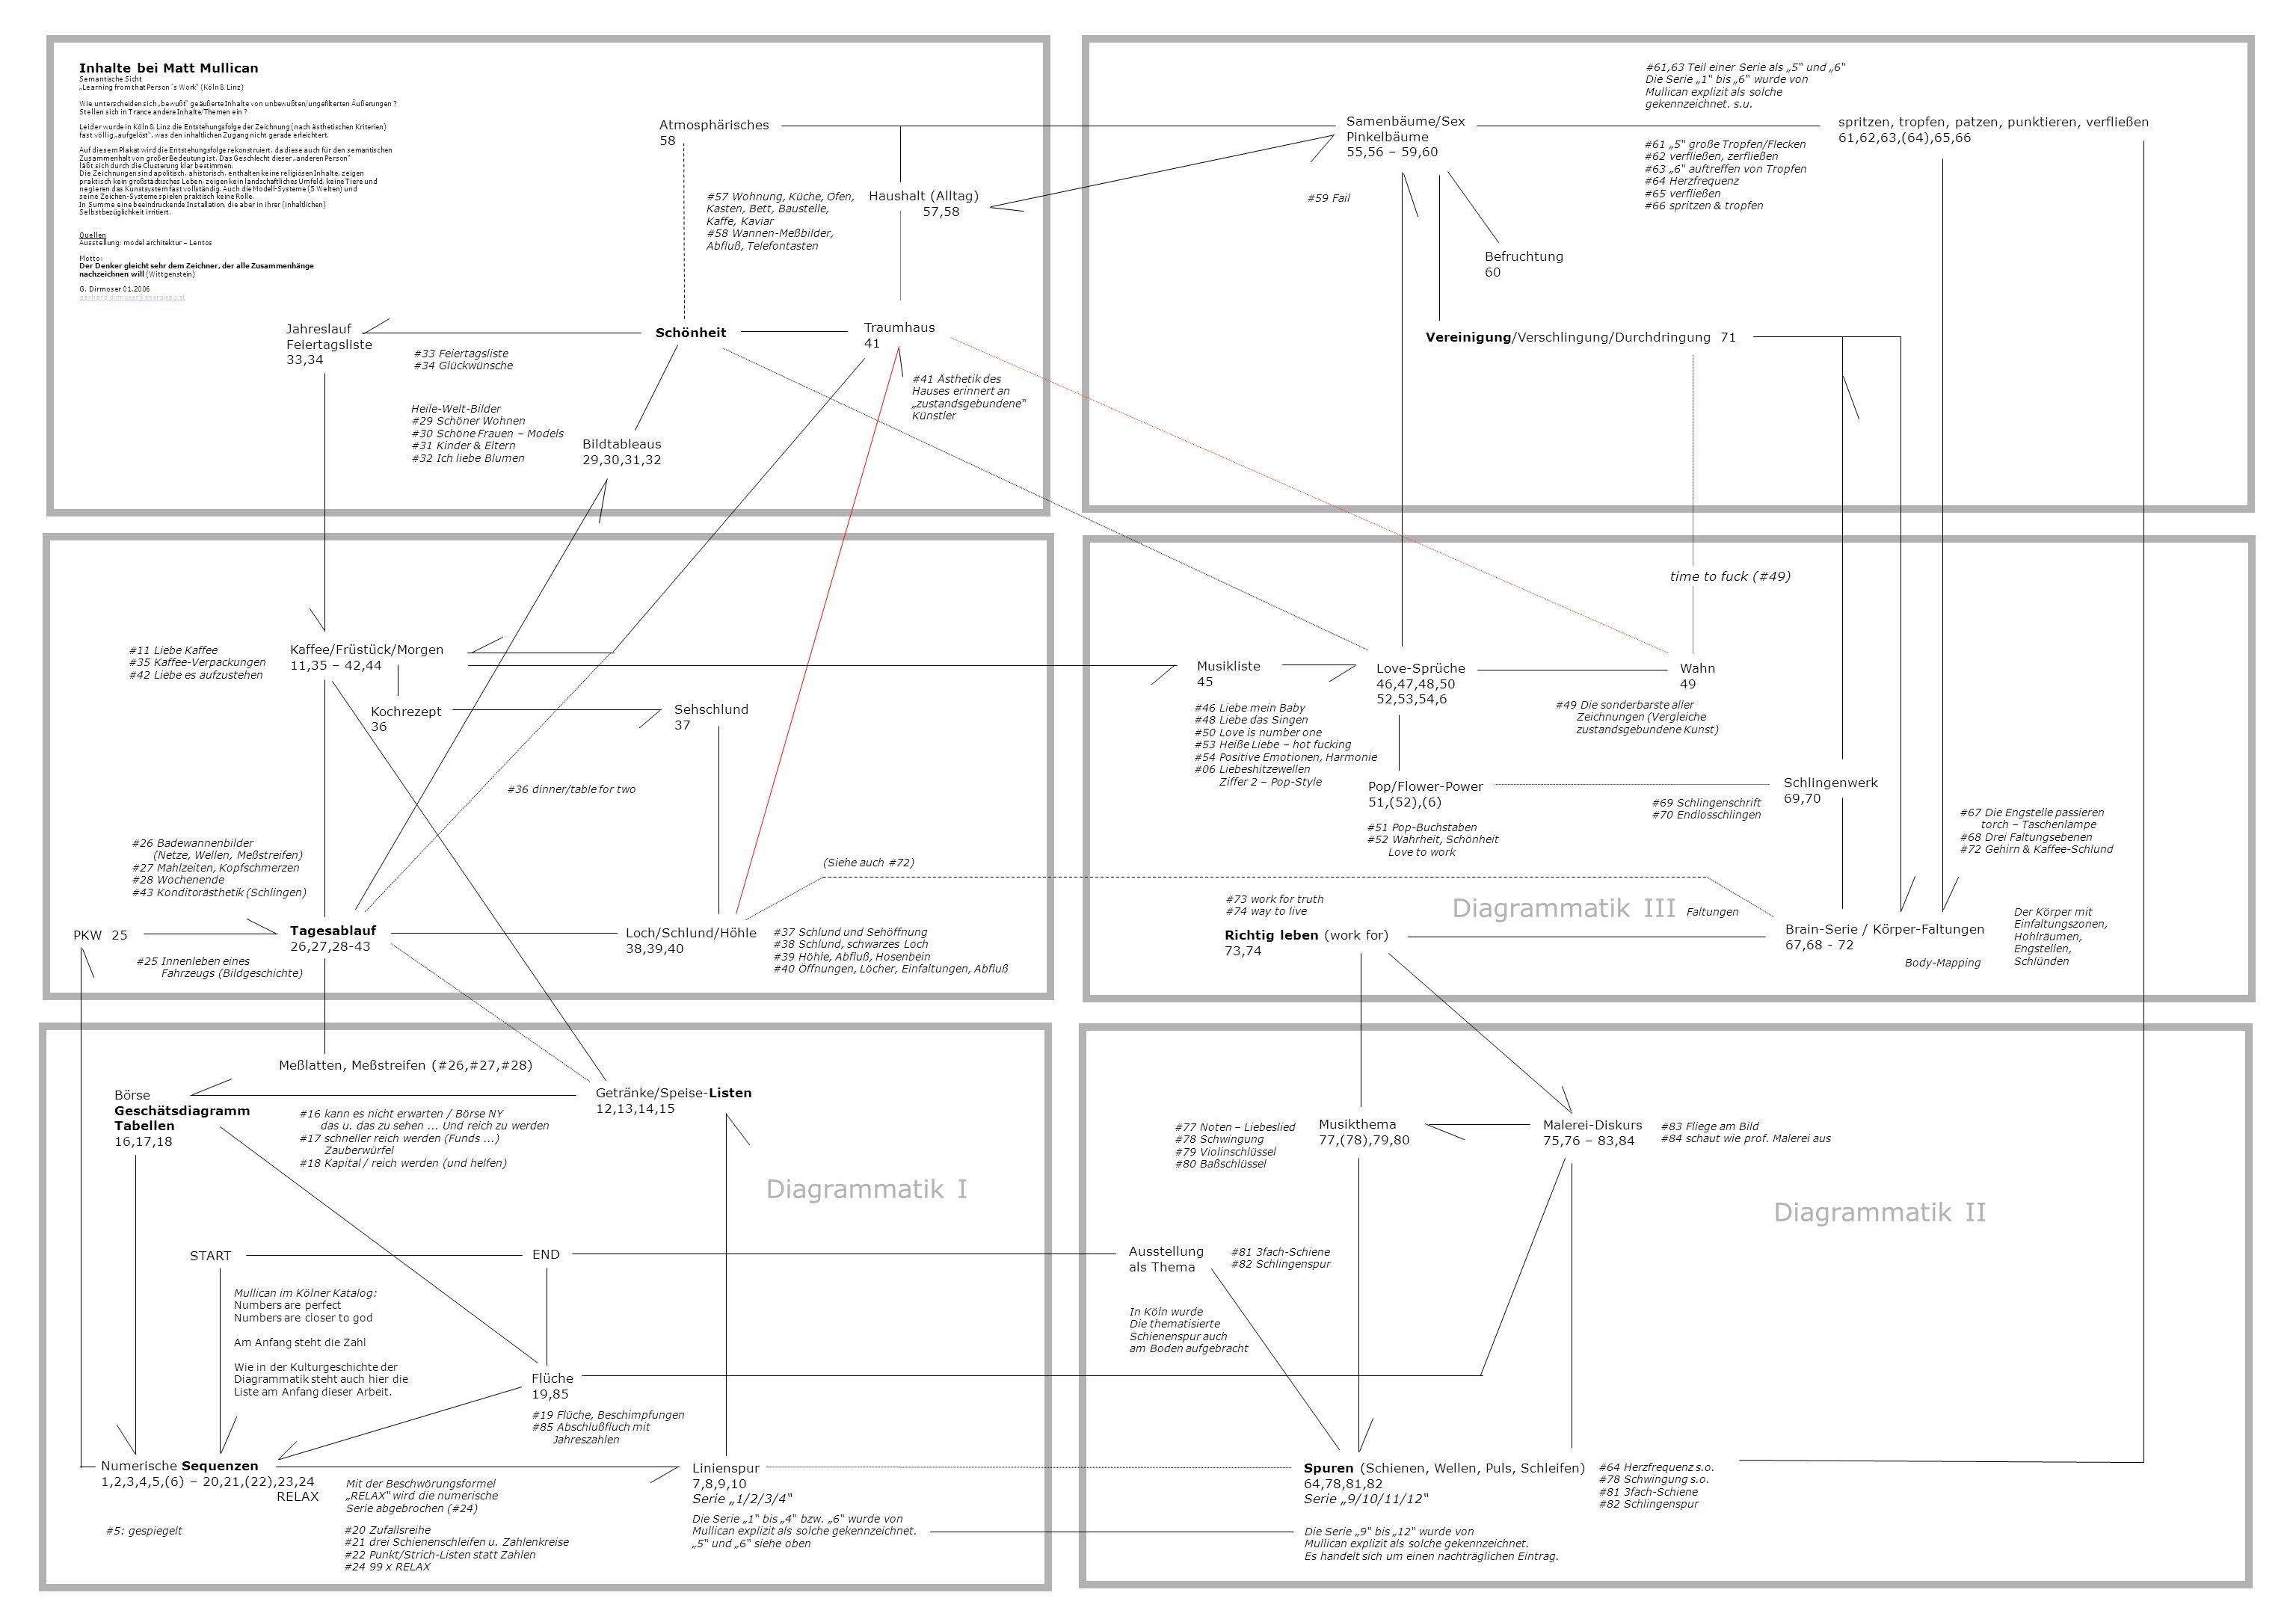 Inhalte bei Matt Mullican Semantische Sicht Learning from that Person´s Work (Köln & Linz) Wie unterscheiden sich bewußt geäußerte Inhalte von unbewuß